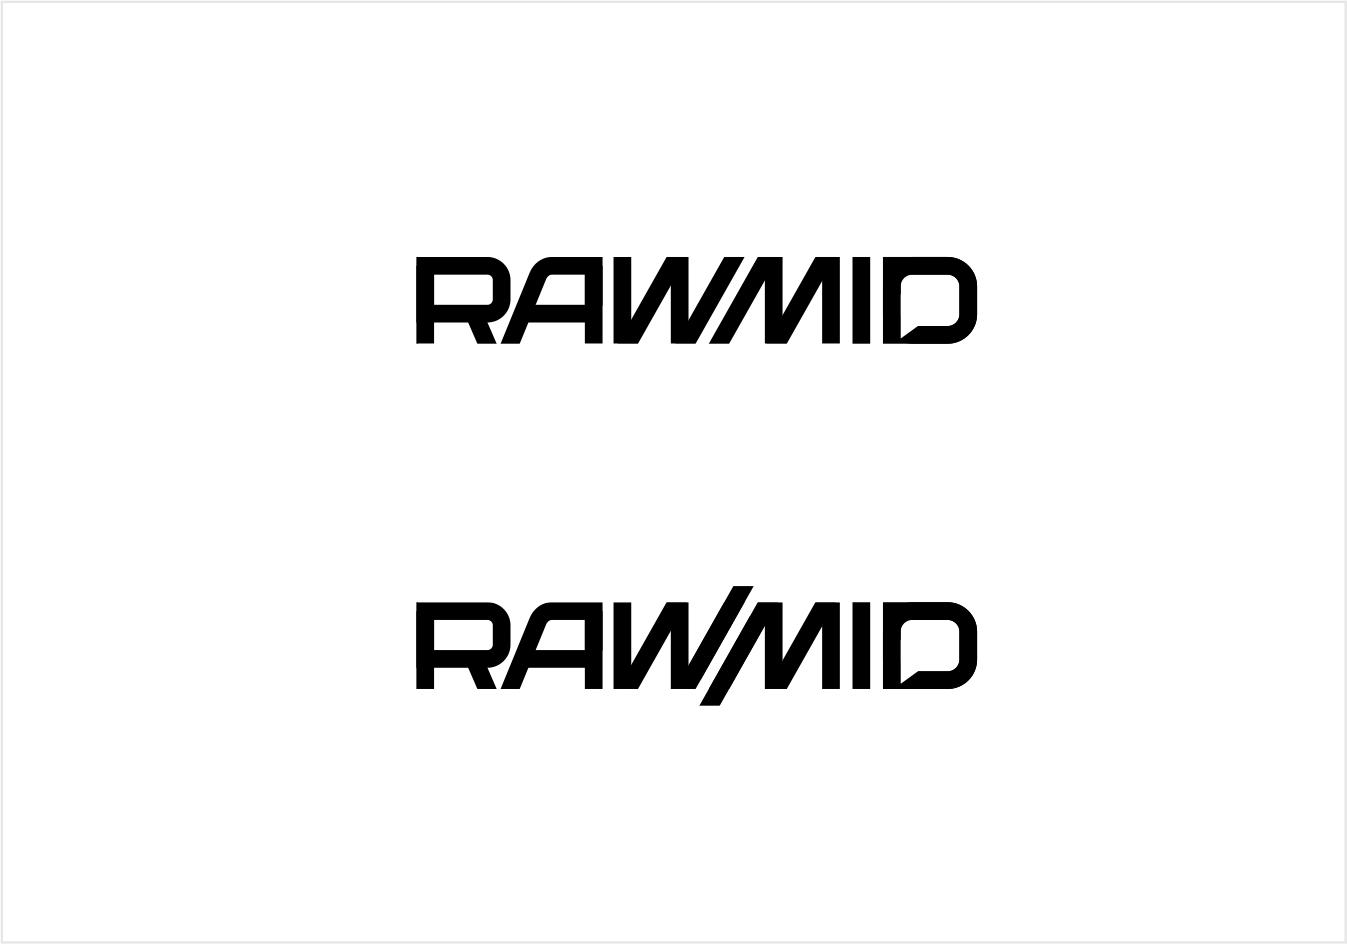 Создать логотип (буквенная часть) для бренда бытовой техники фото f_8365b33be927c54f.jpg